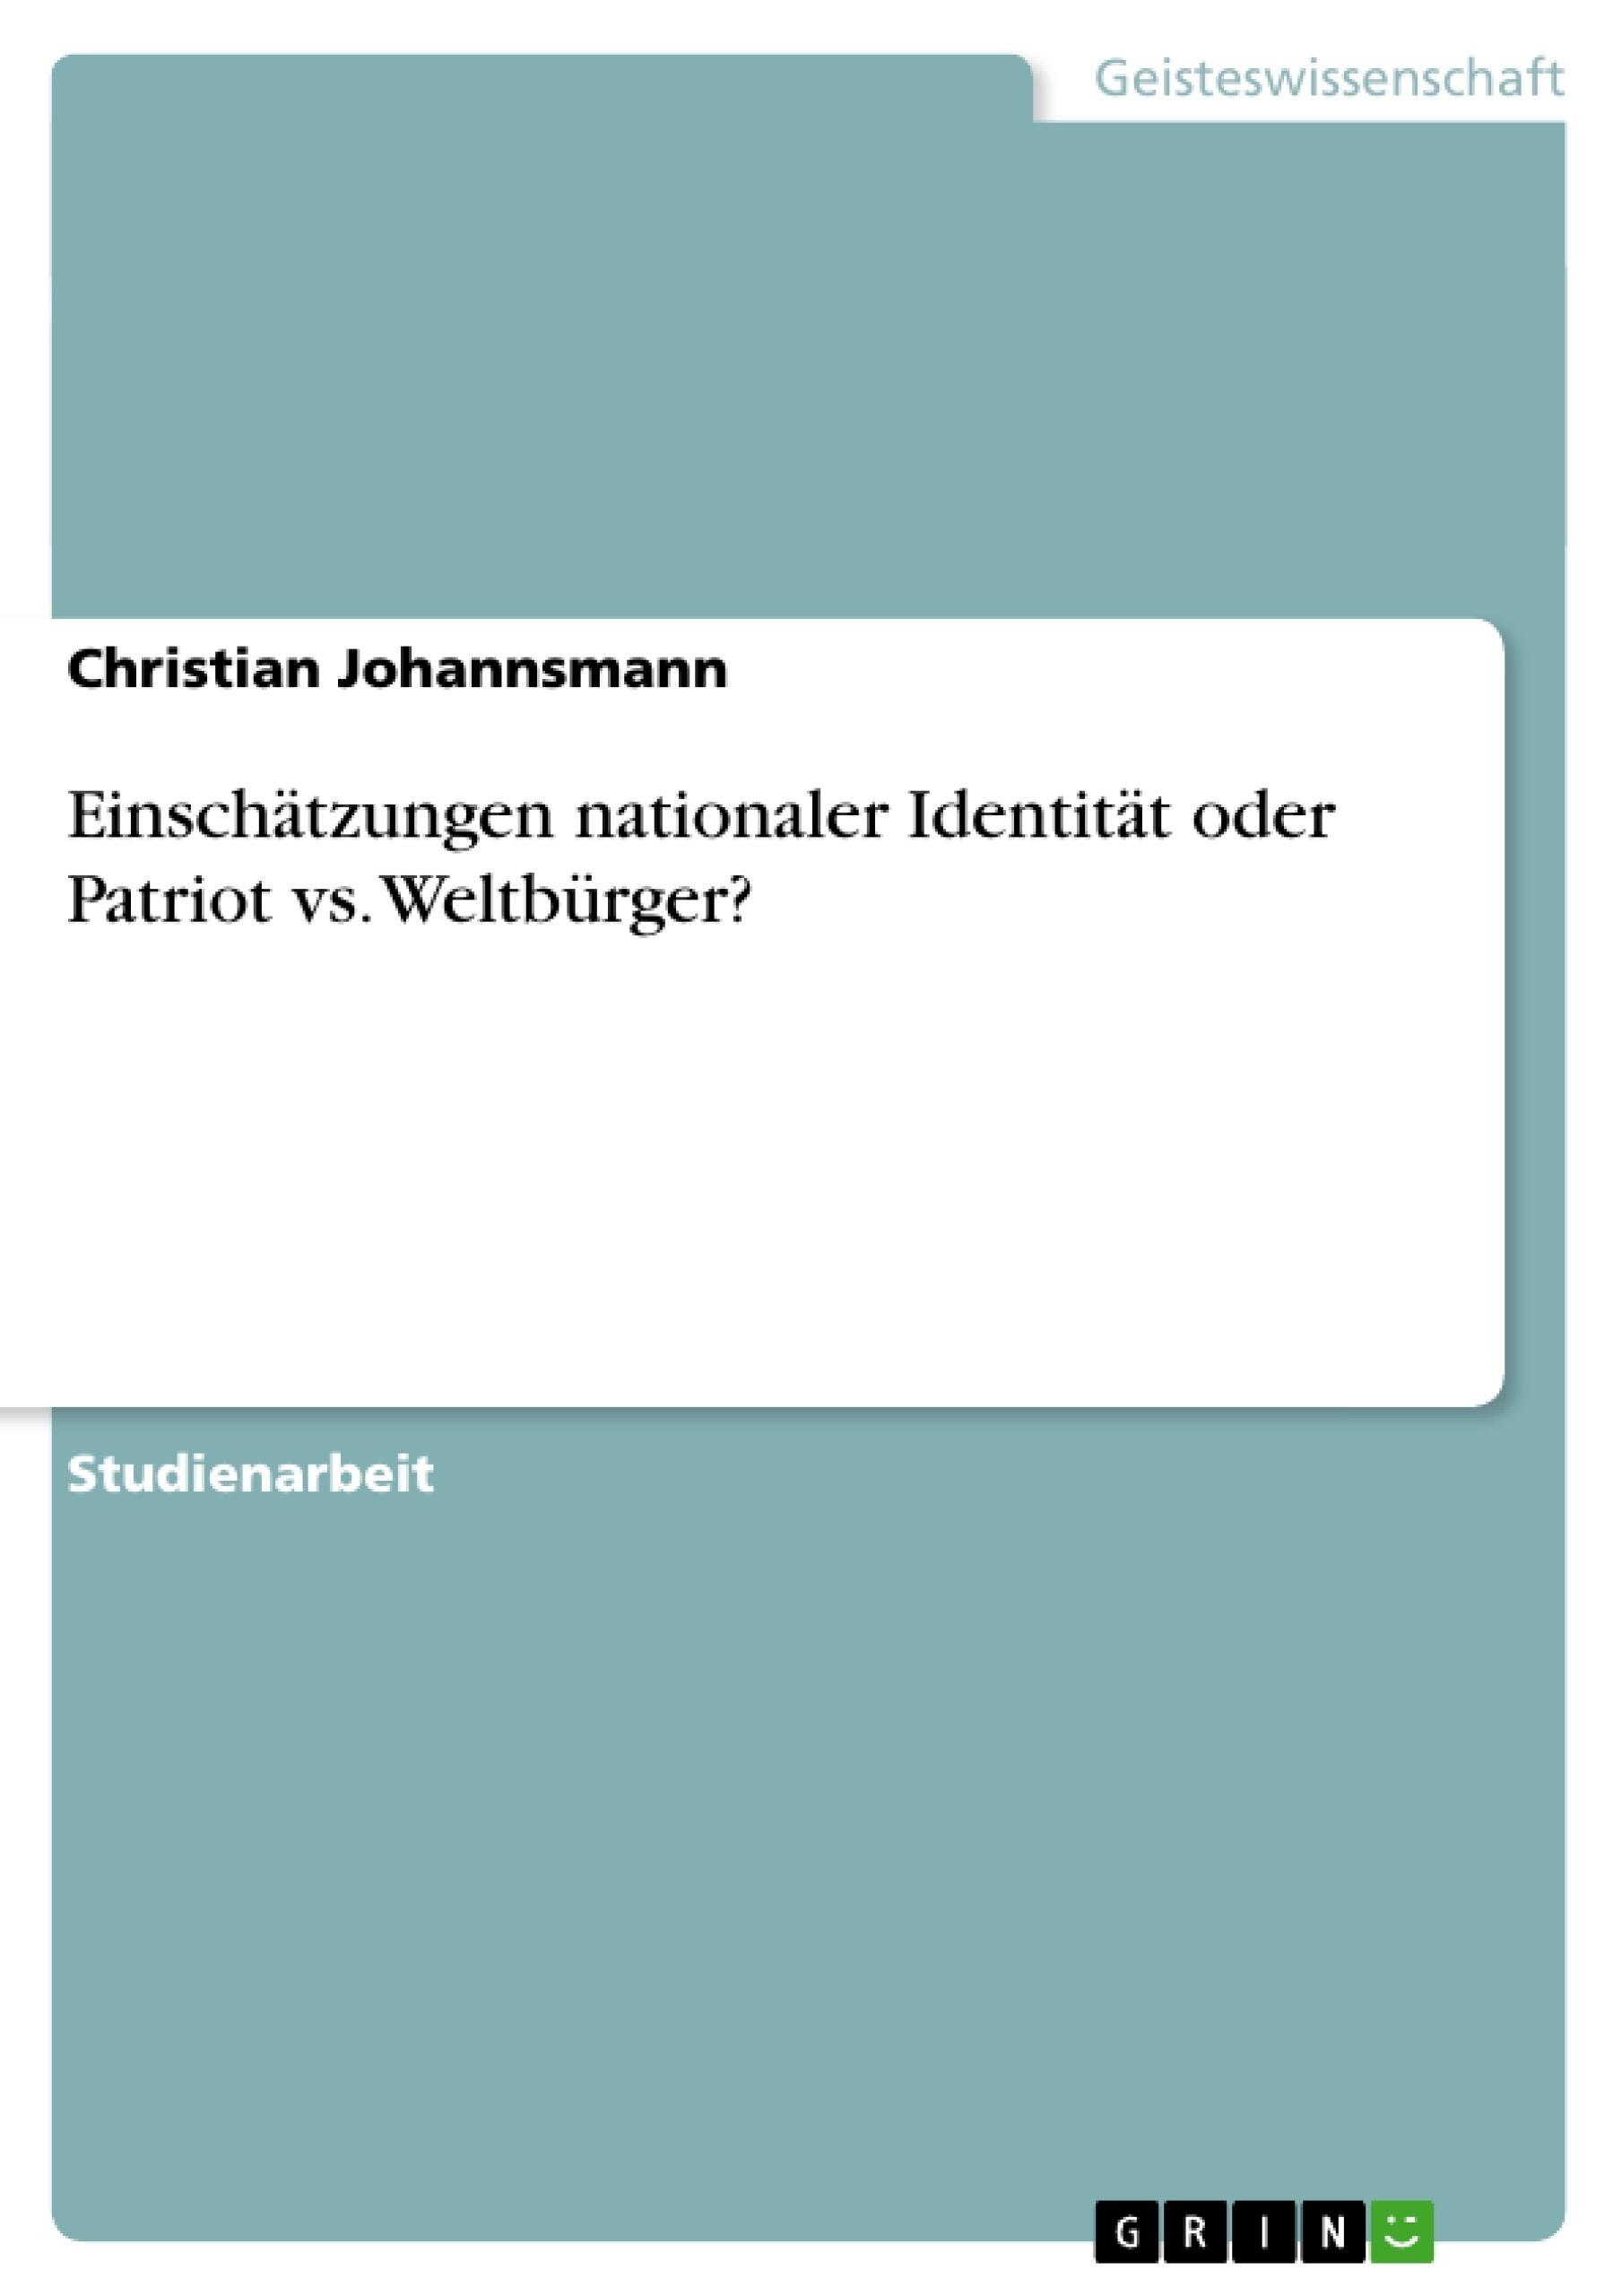 Titel: Einschätzungen nationaler Identität oder Patriot vs. Weltbürger?